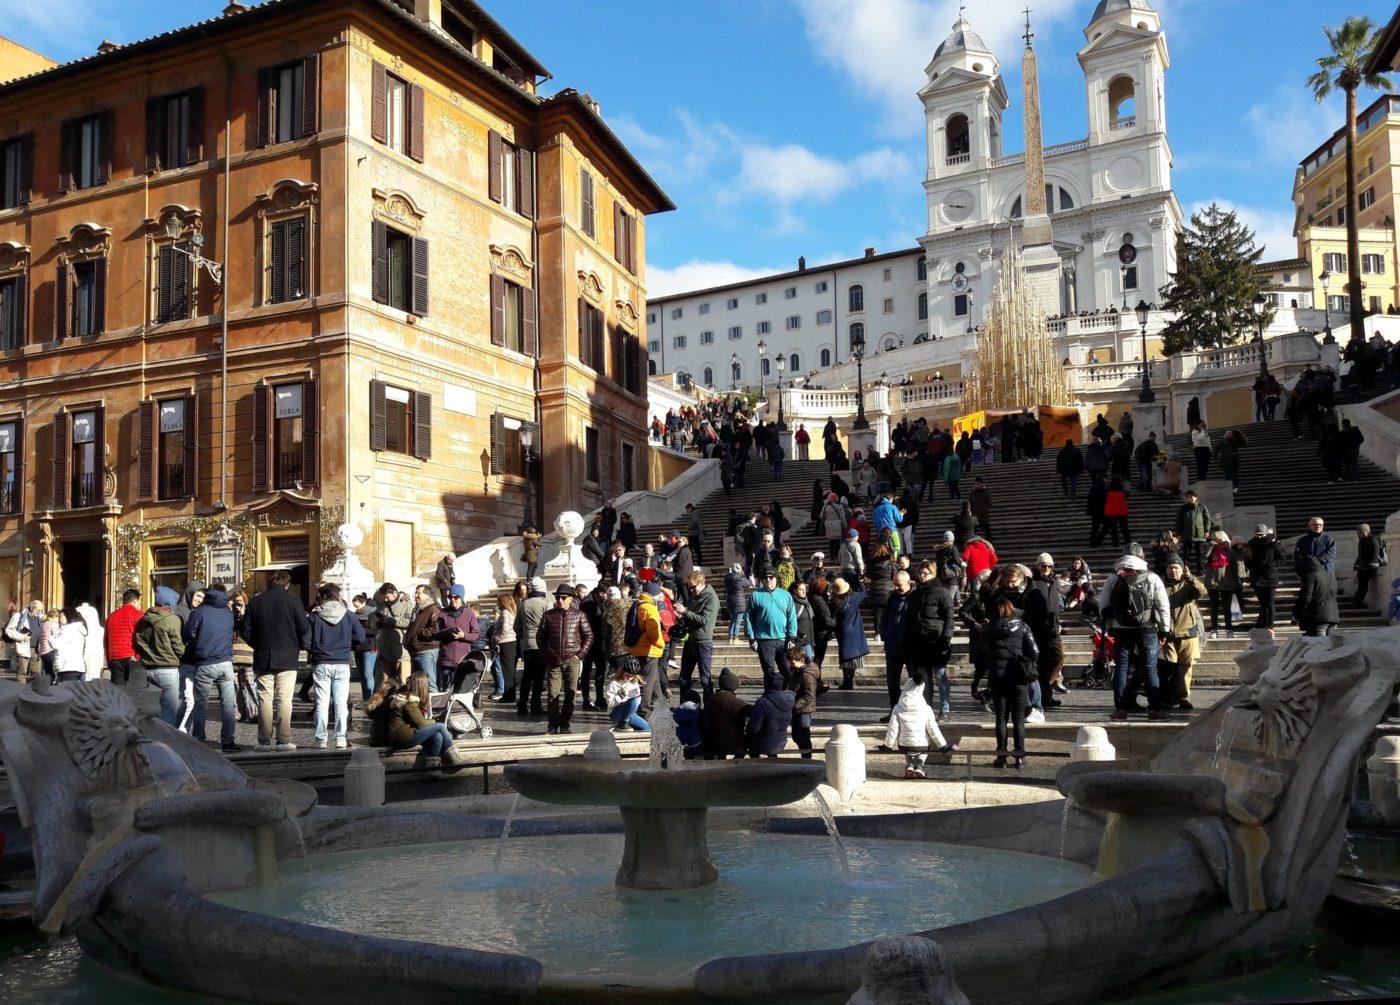 Turismo: folla di turisti a piazza di Spagna a Roma